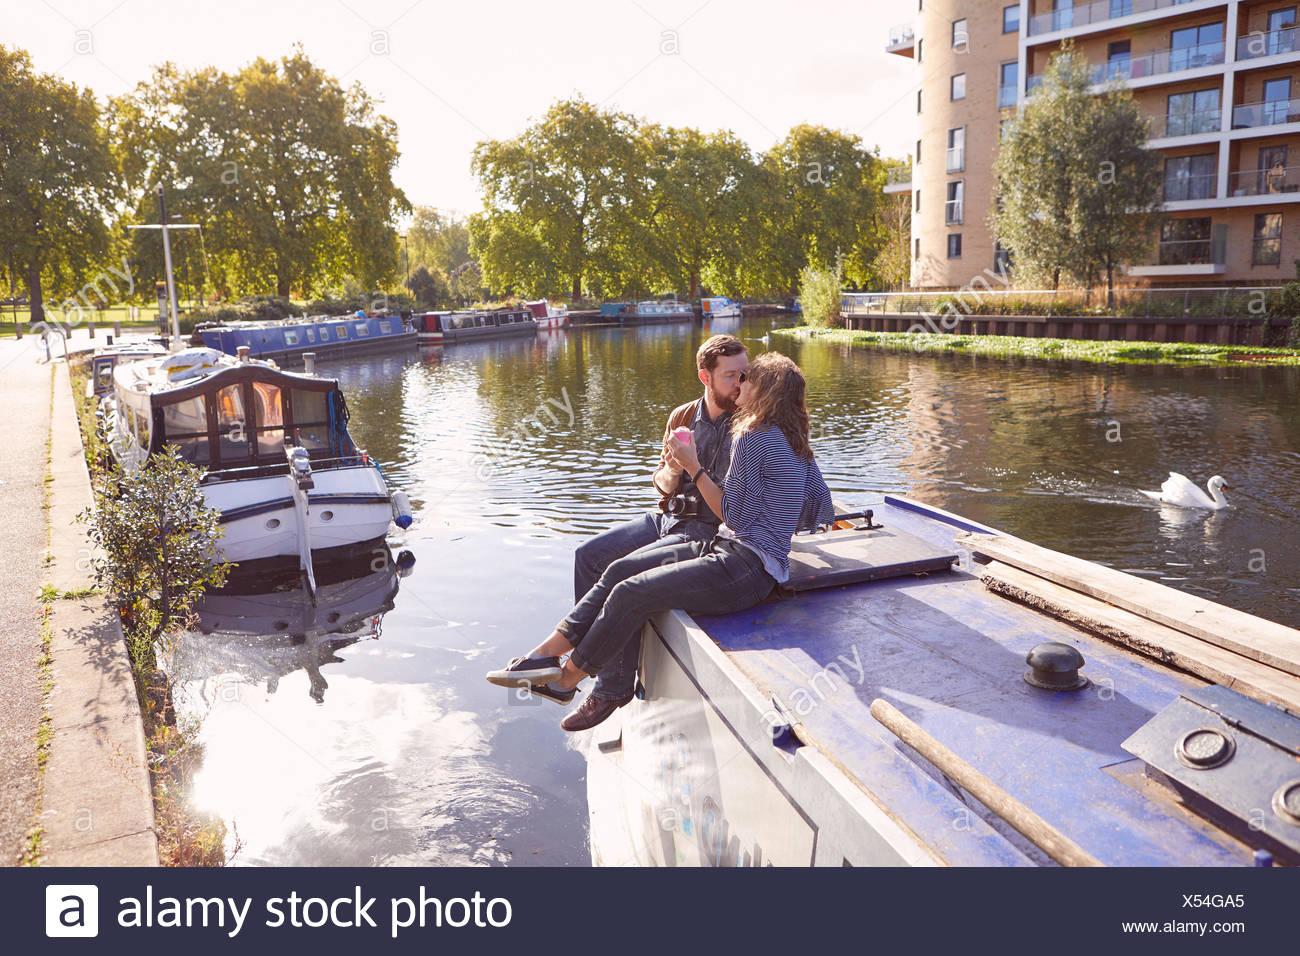 Matura sul canal boat Immagini Stock